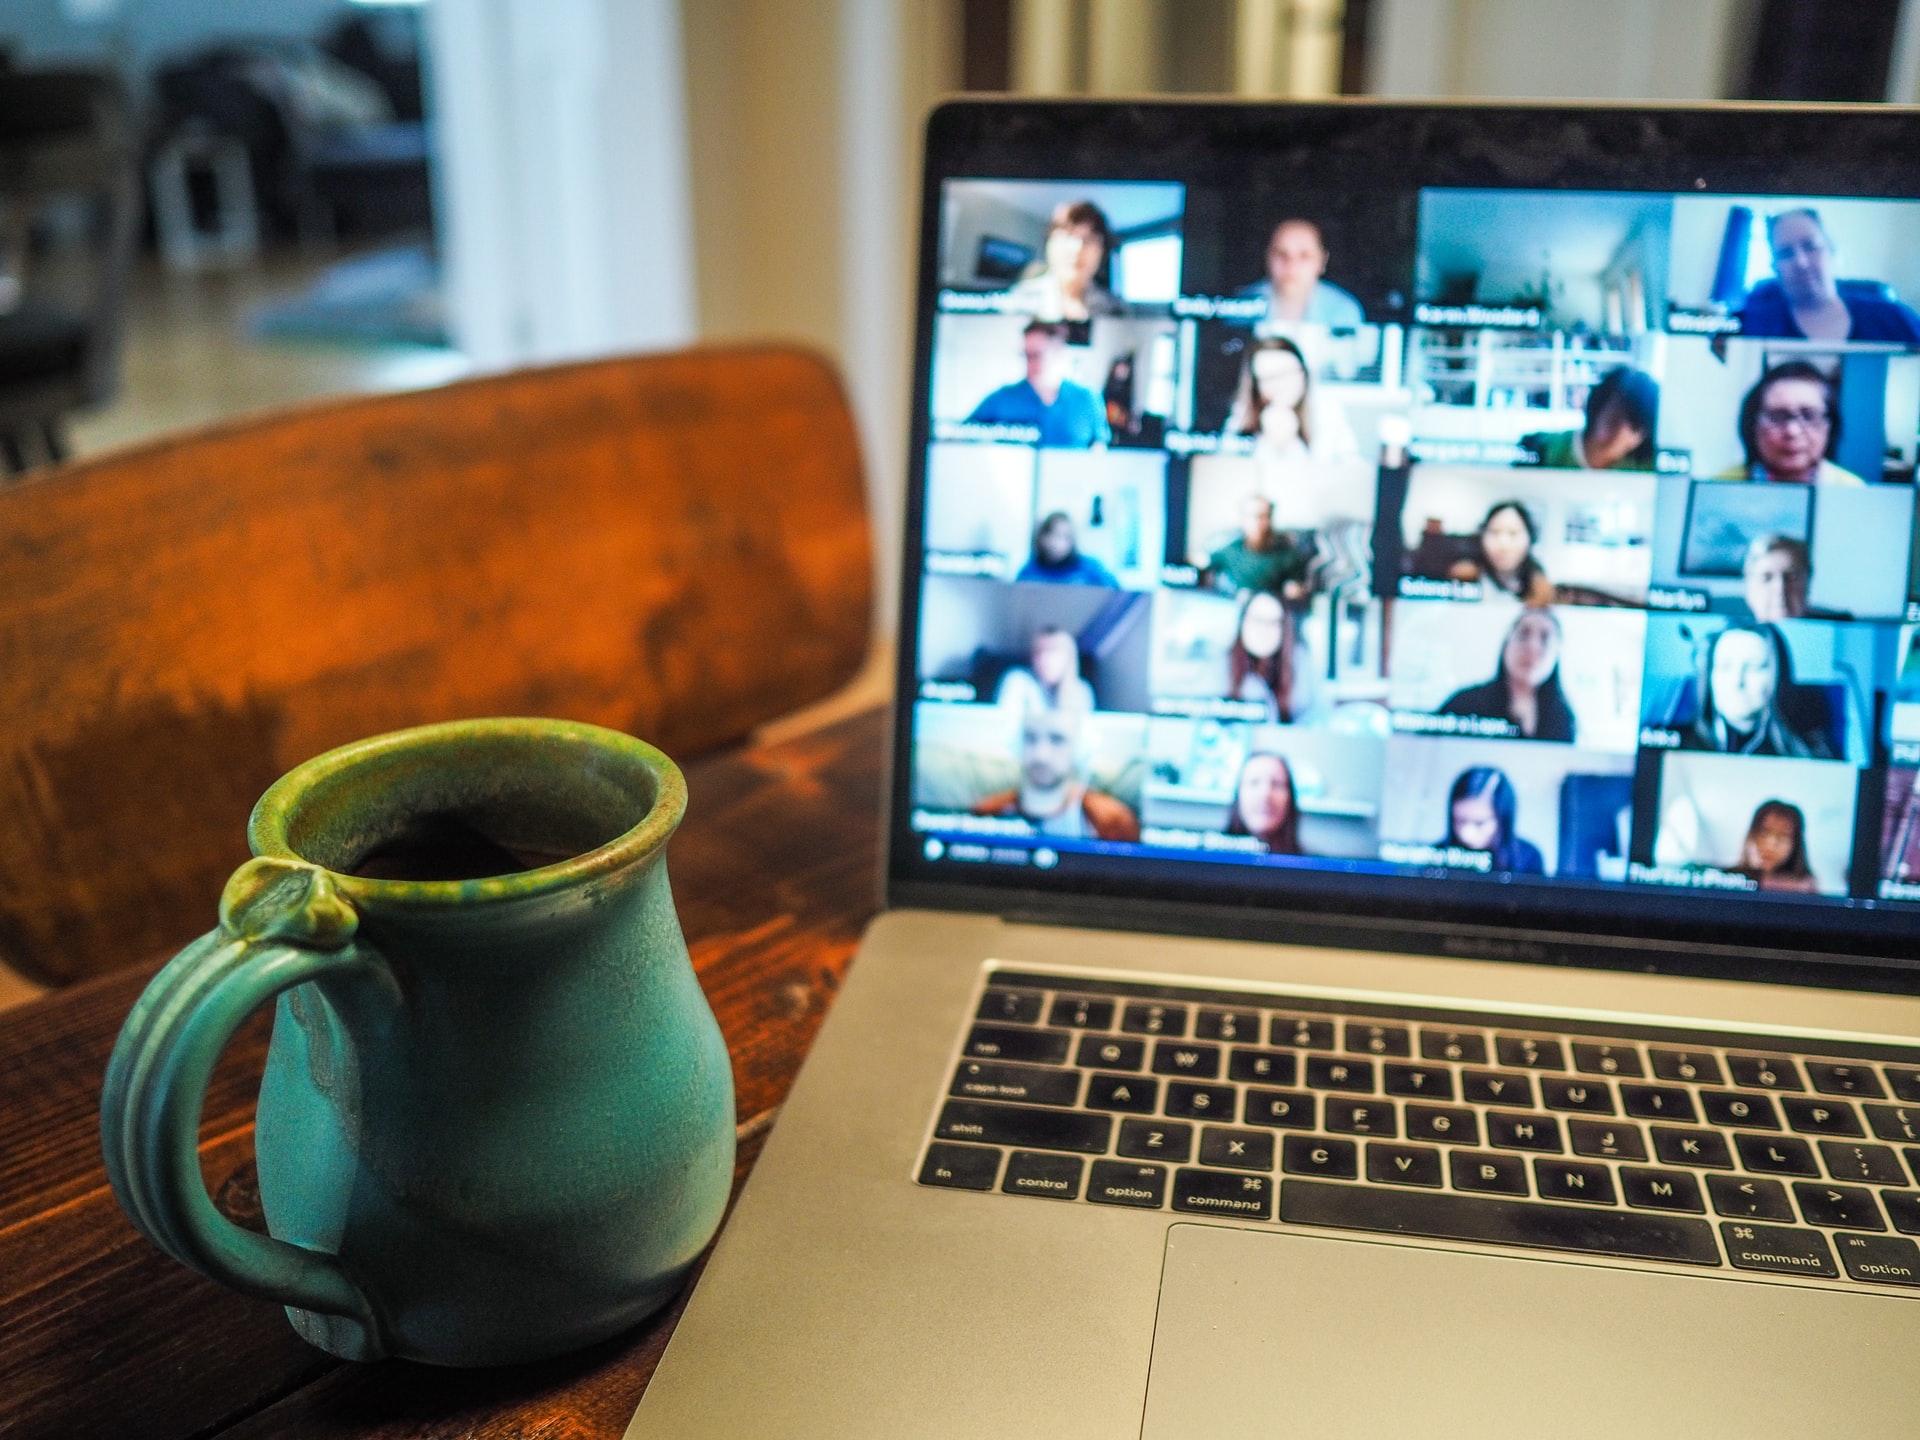 foto: keramikmugg bredvid bildskärm med onlinemöte